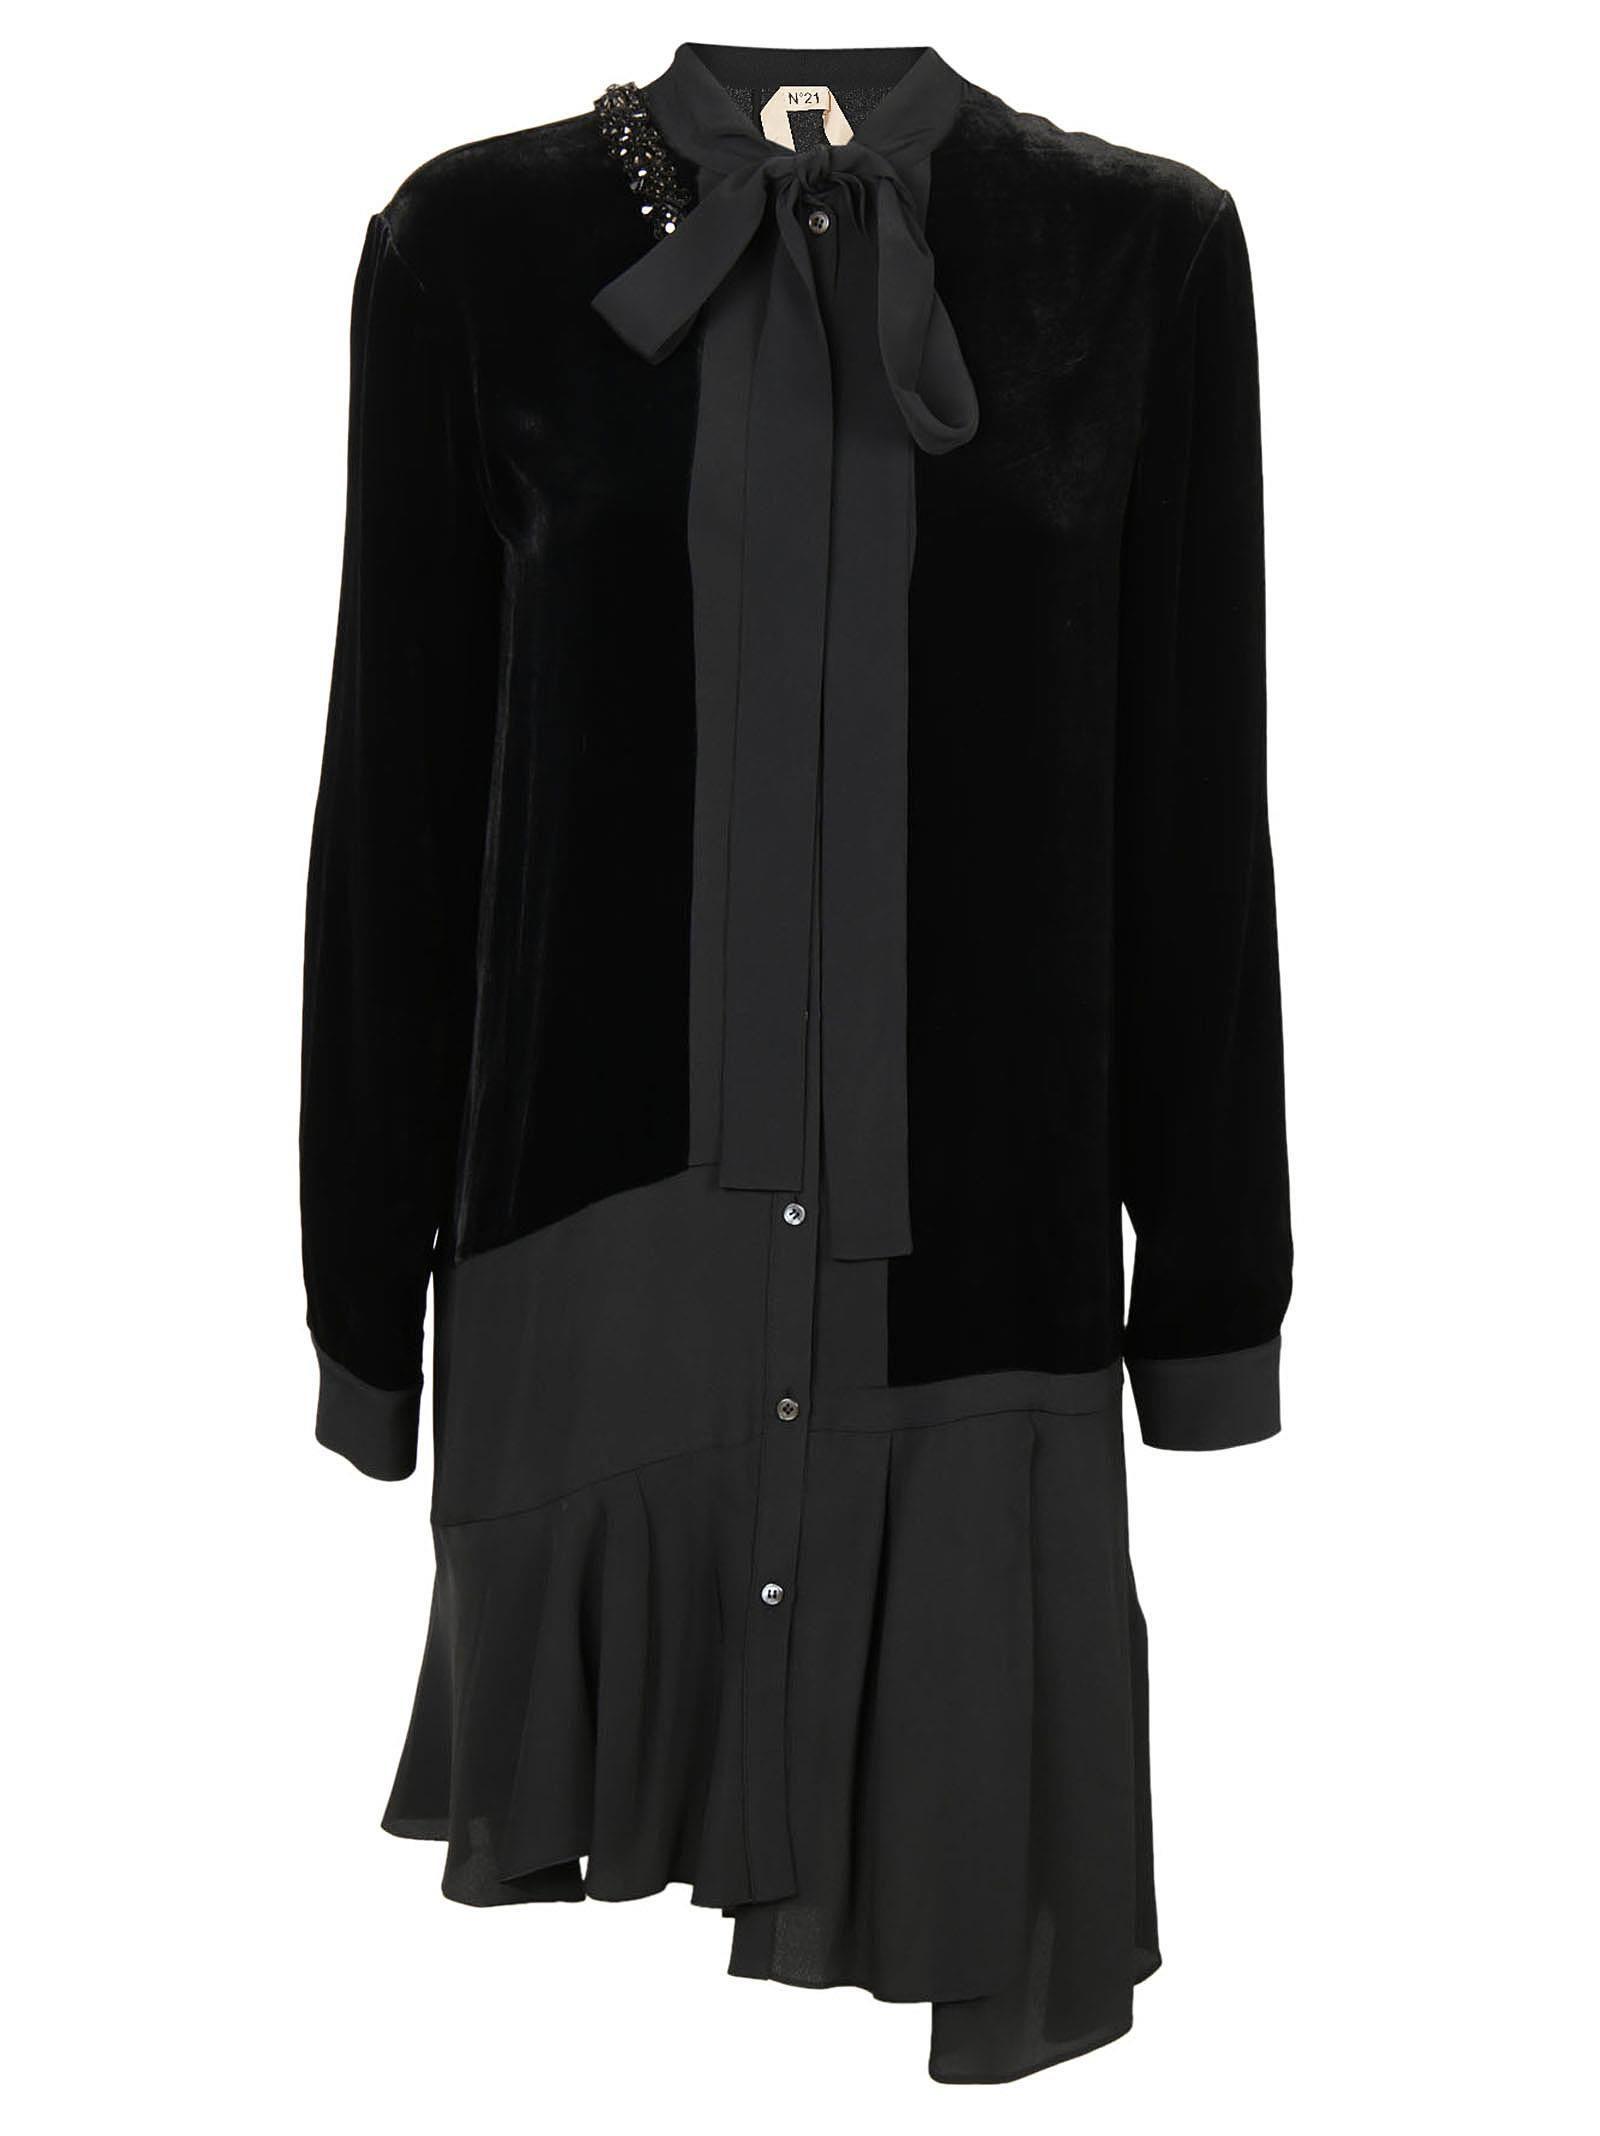 N 21 Asymmetric Dress